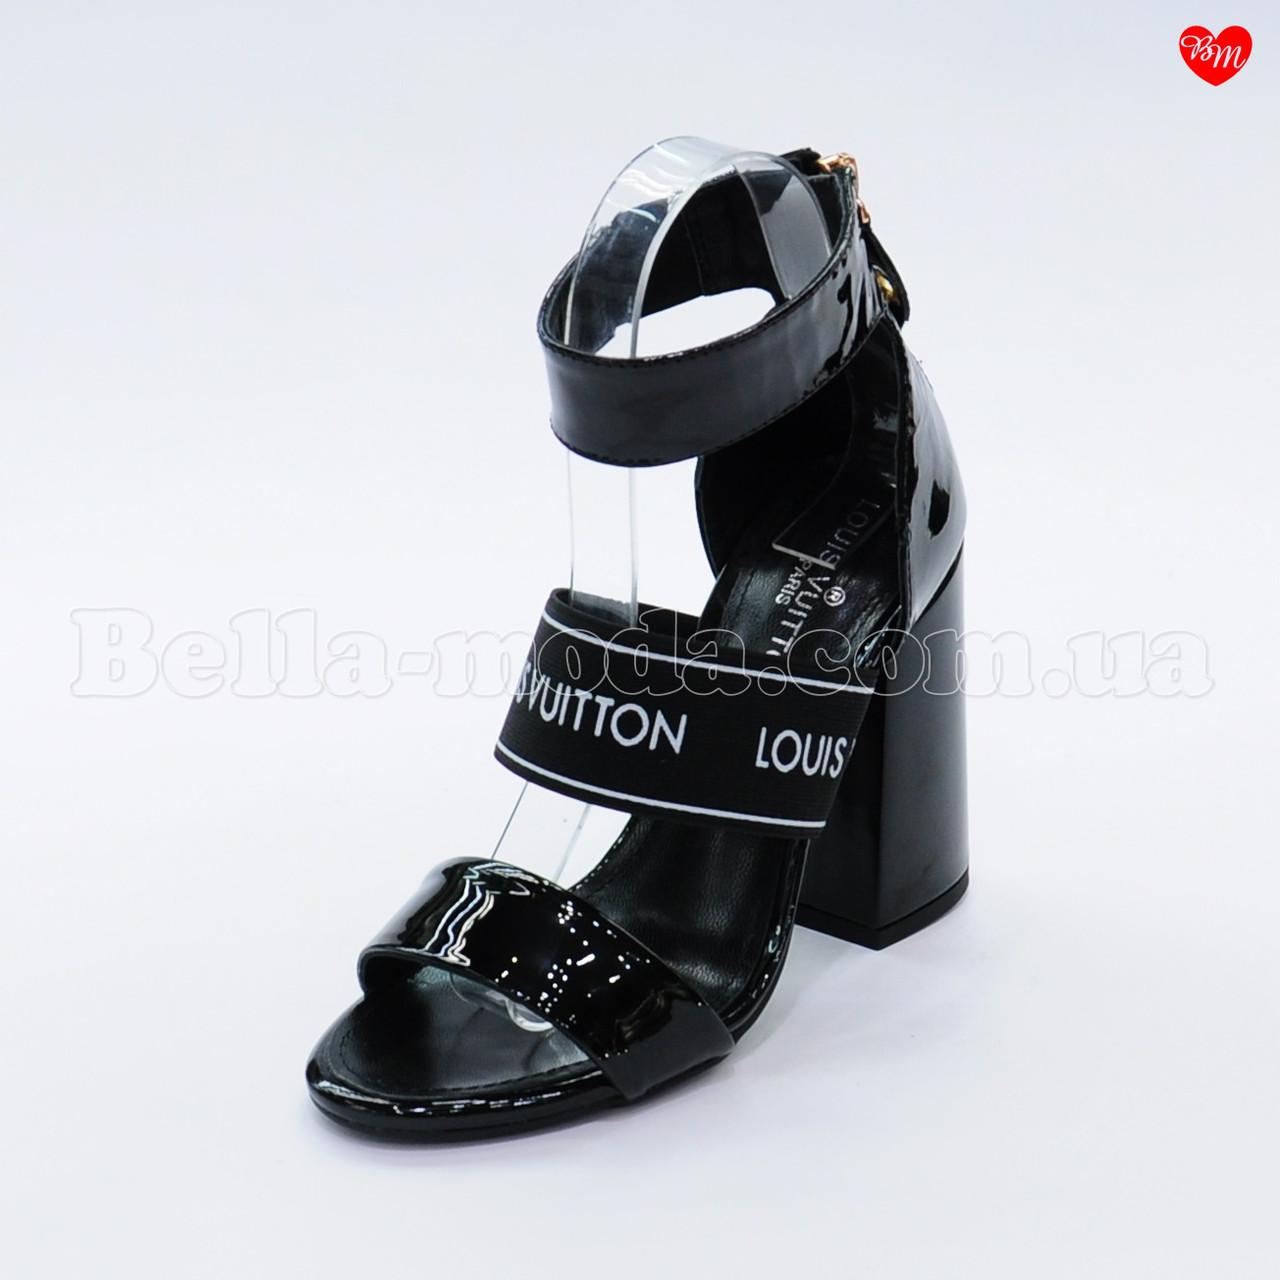 Женские лаковые босоножки Louis Vuitton - интернет-магазин